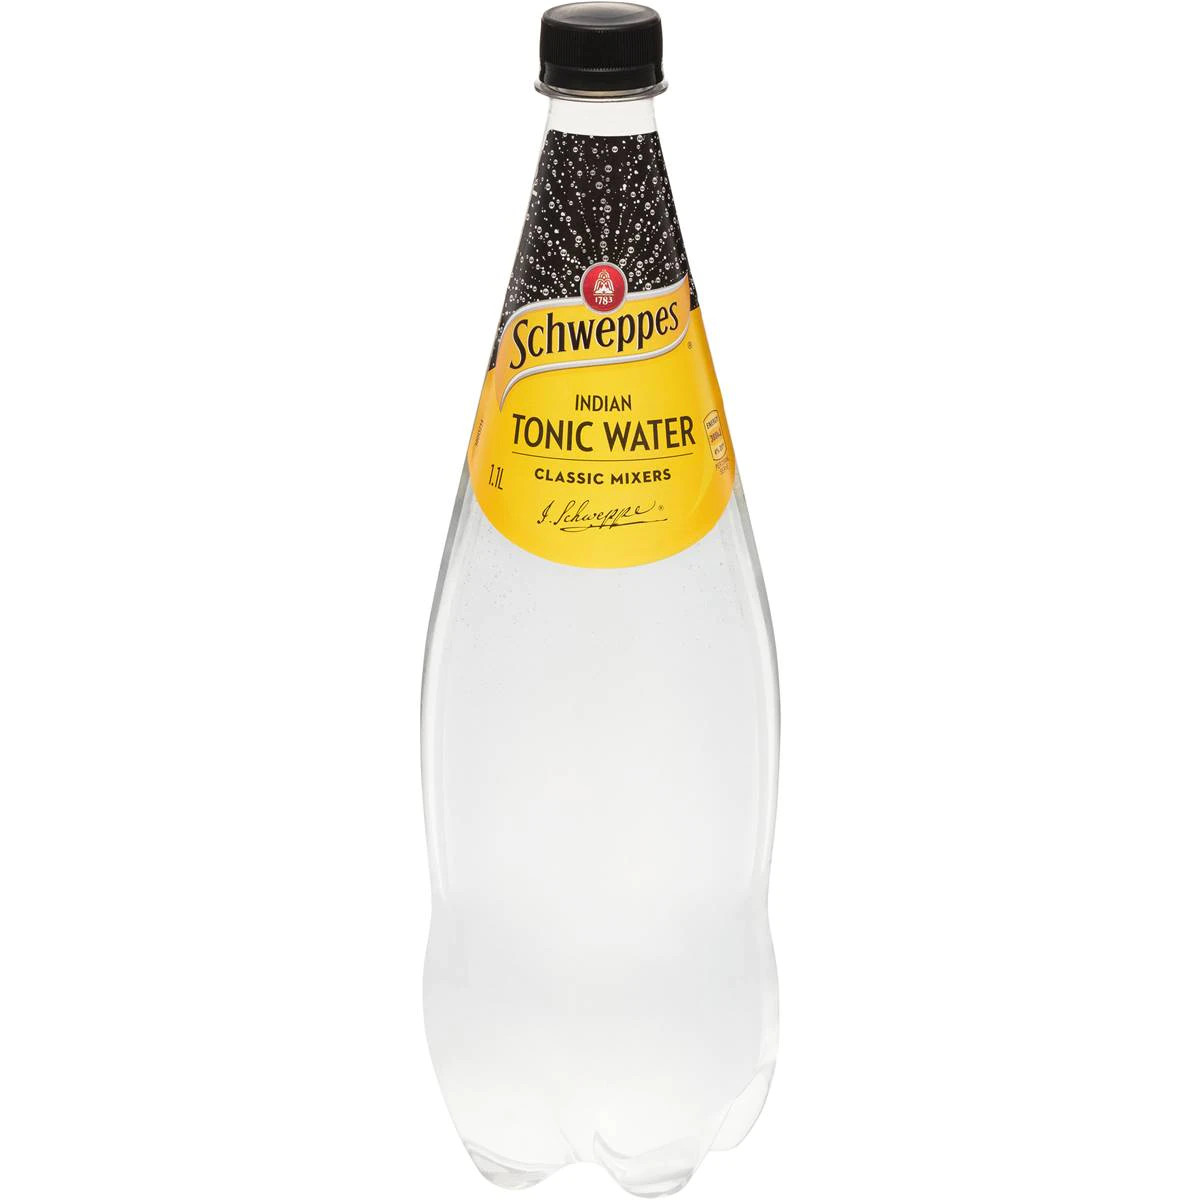 Schweppes Tonic Water Bottle 1L